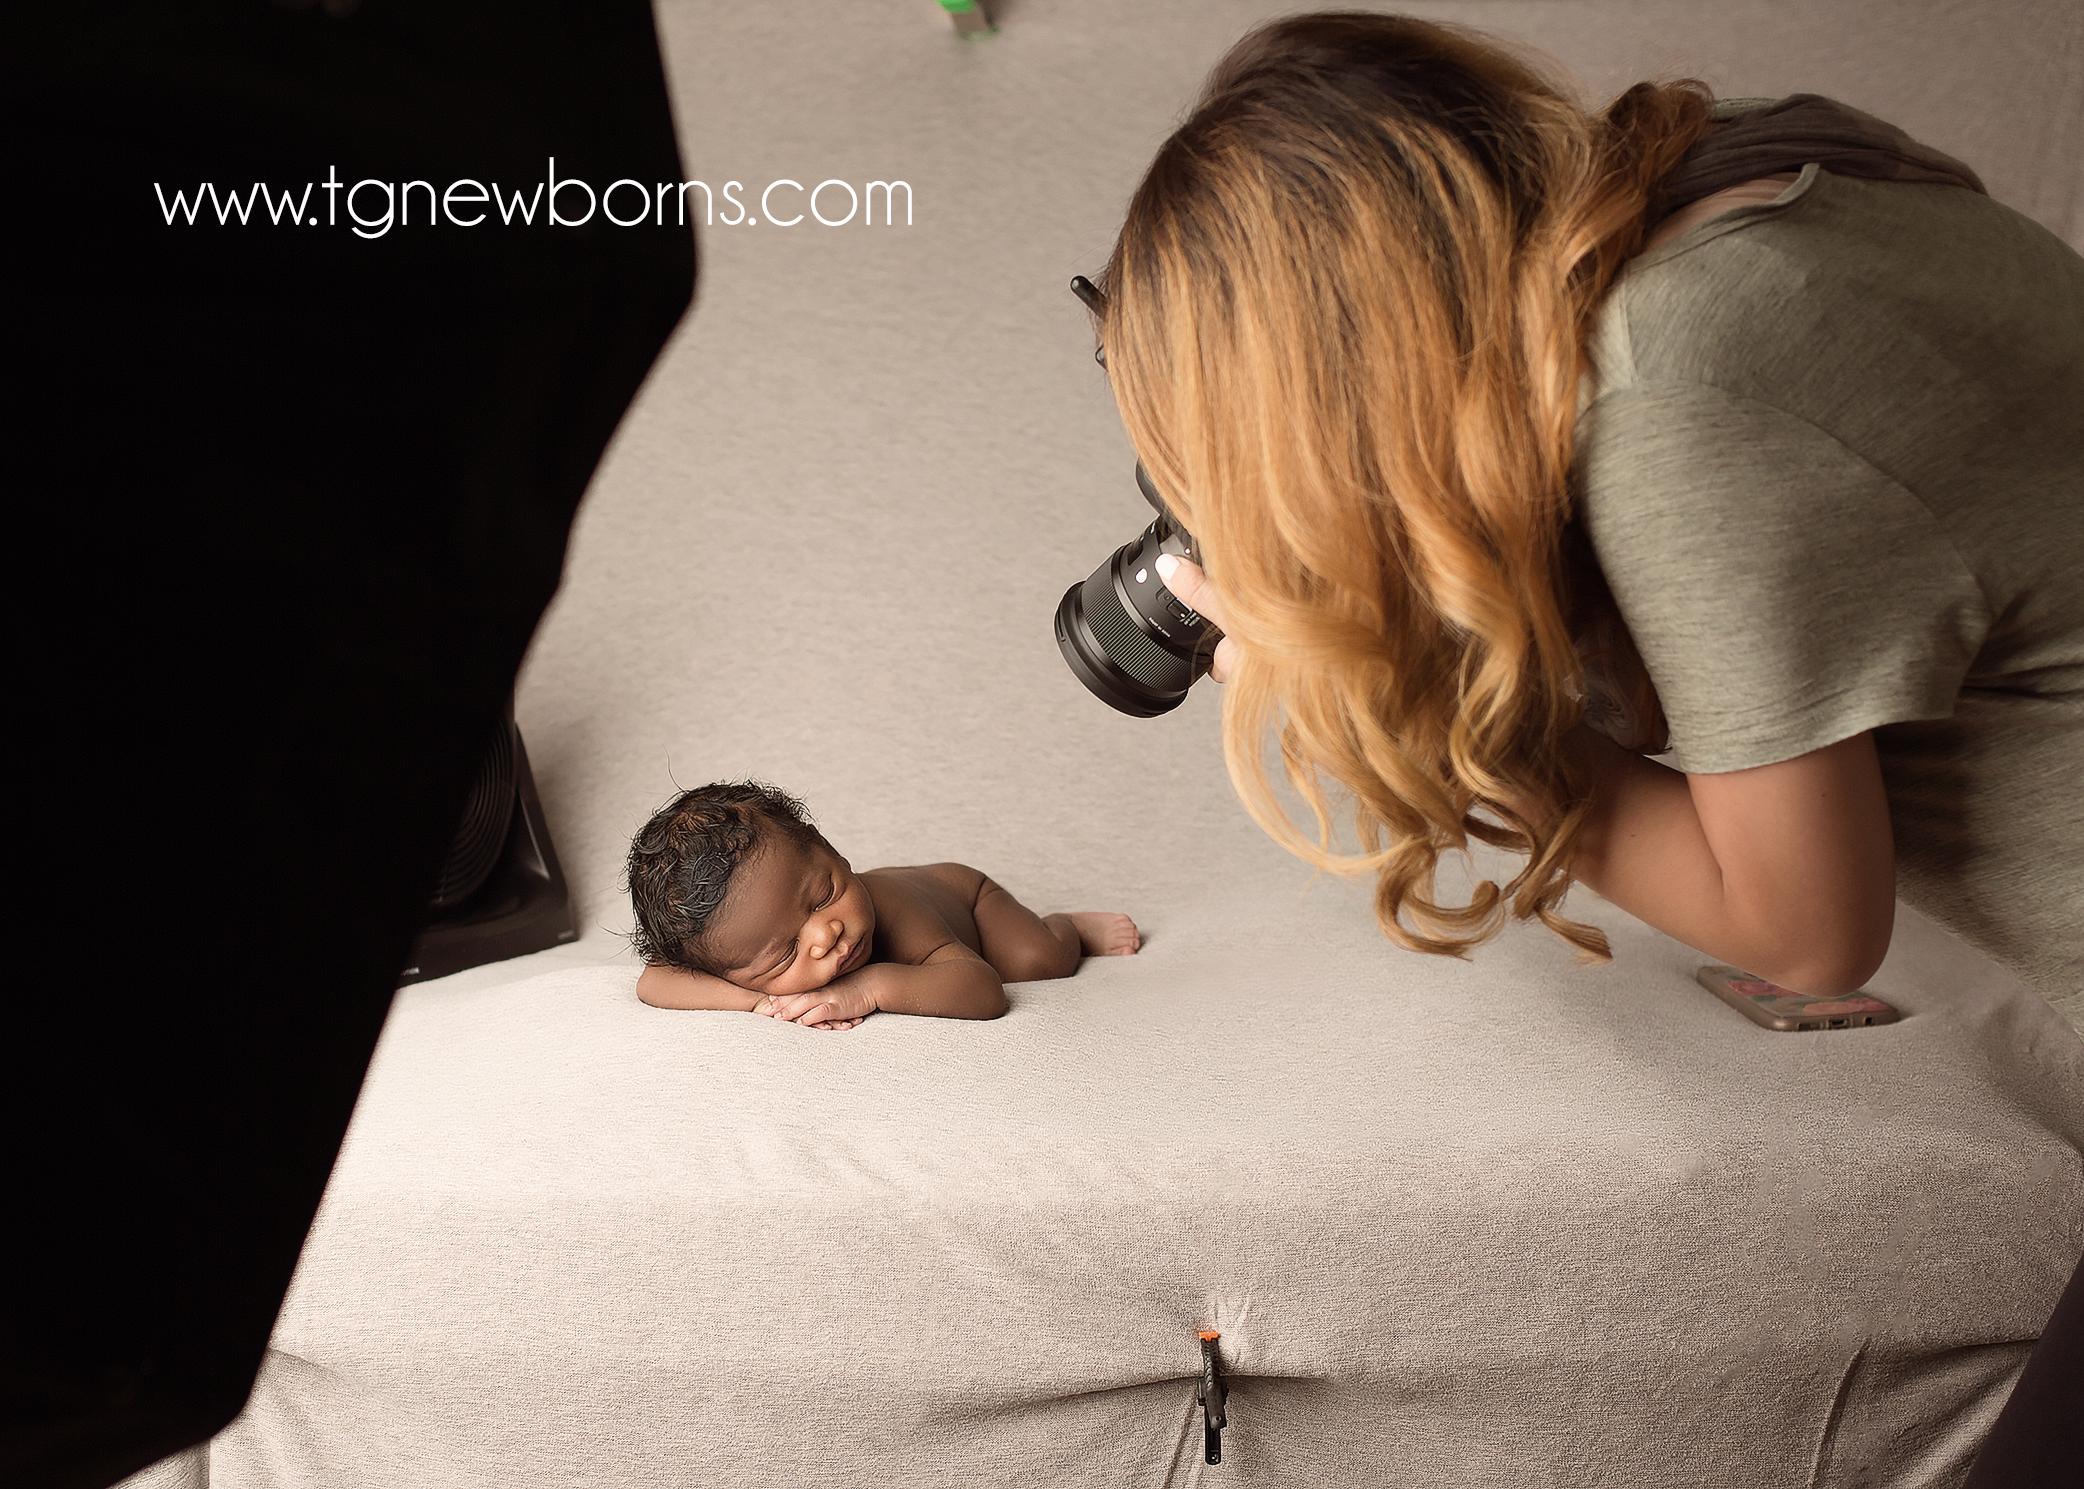 newborn mentoring